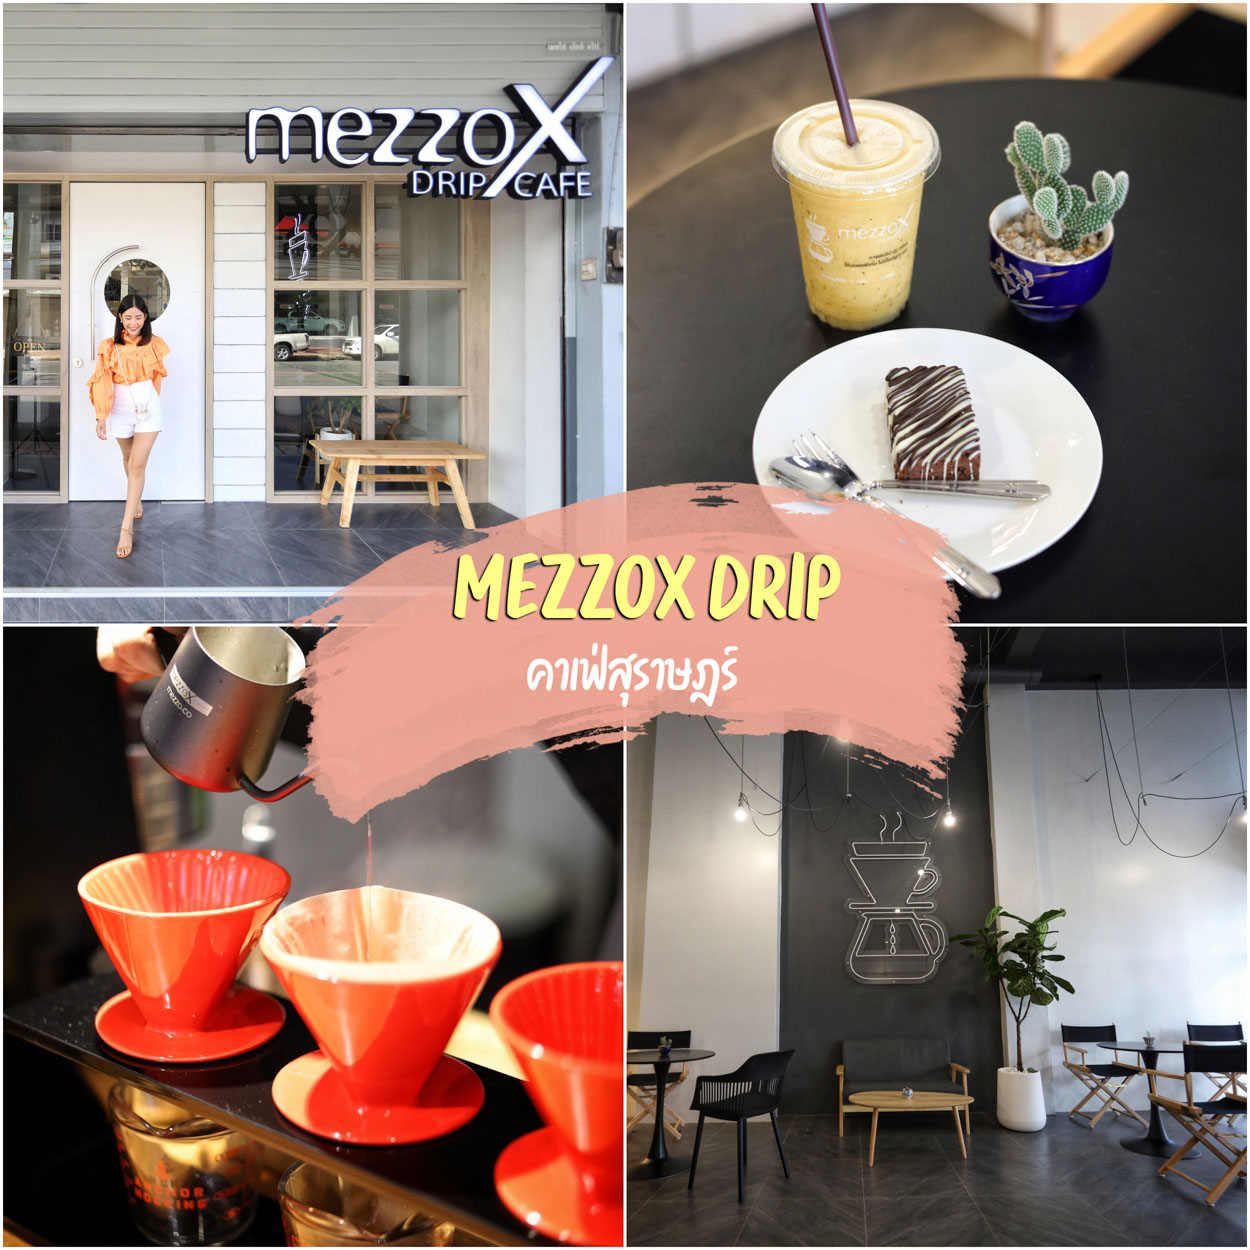 MezzoX Drip Cafe Suratthani คาเฟ่ใจกลางเมืองสุราษฎร์ธานี ถนนตลาดใหม่